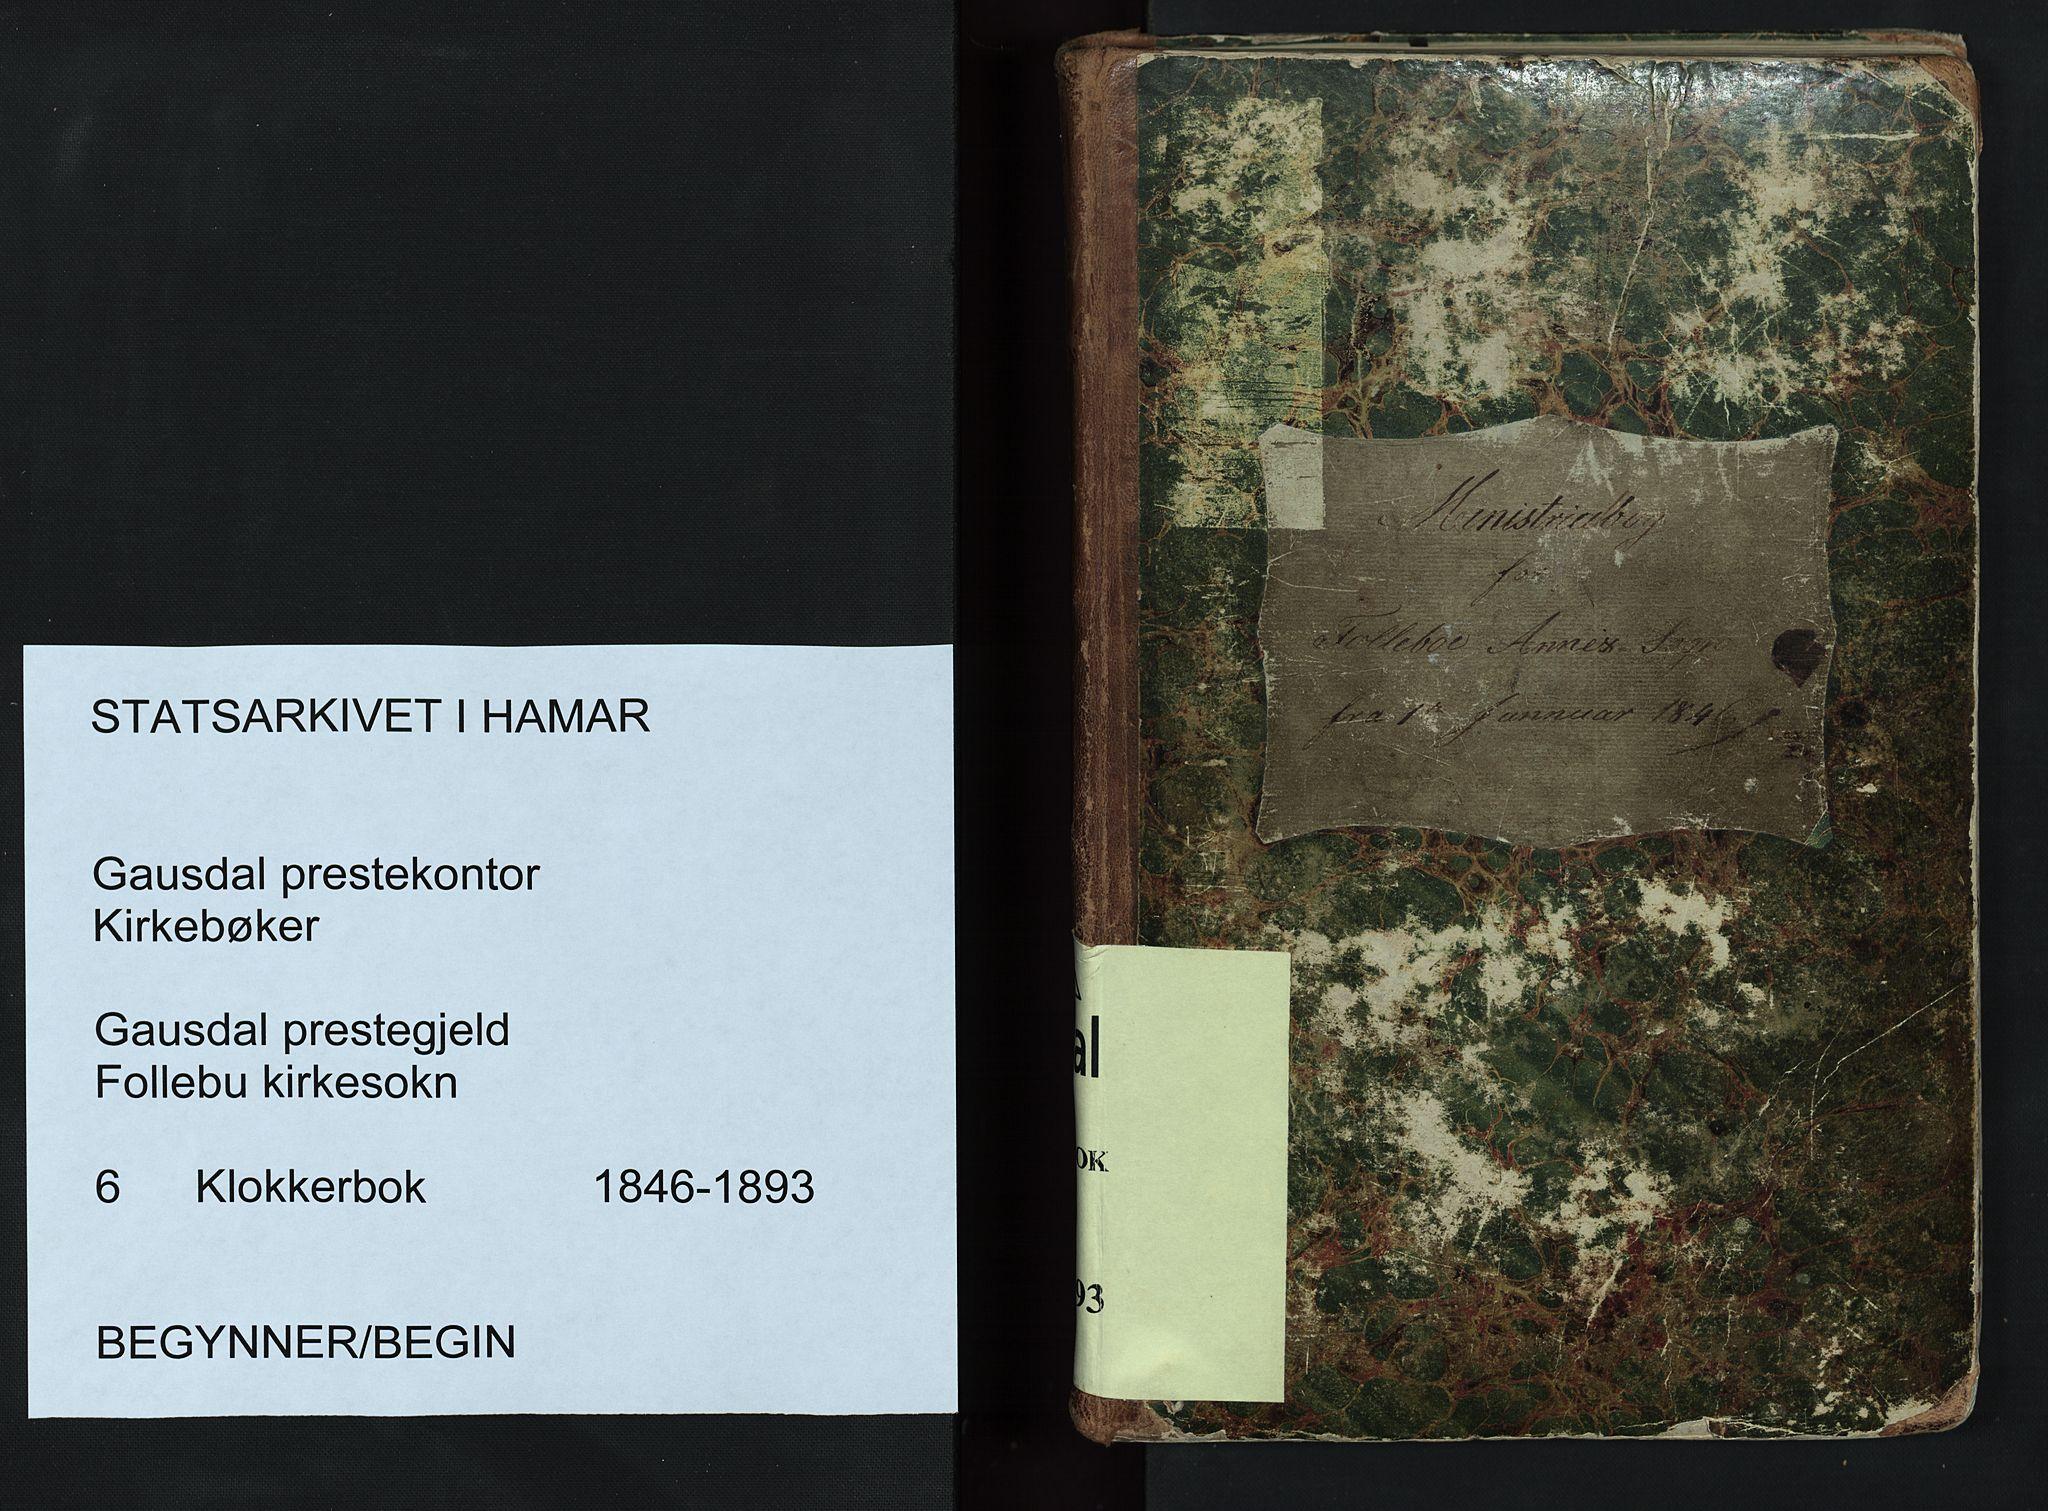 SAH, Gausdal prestekontor, Klokkerbok nr. 6, 1846-1893